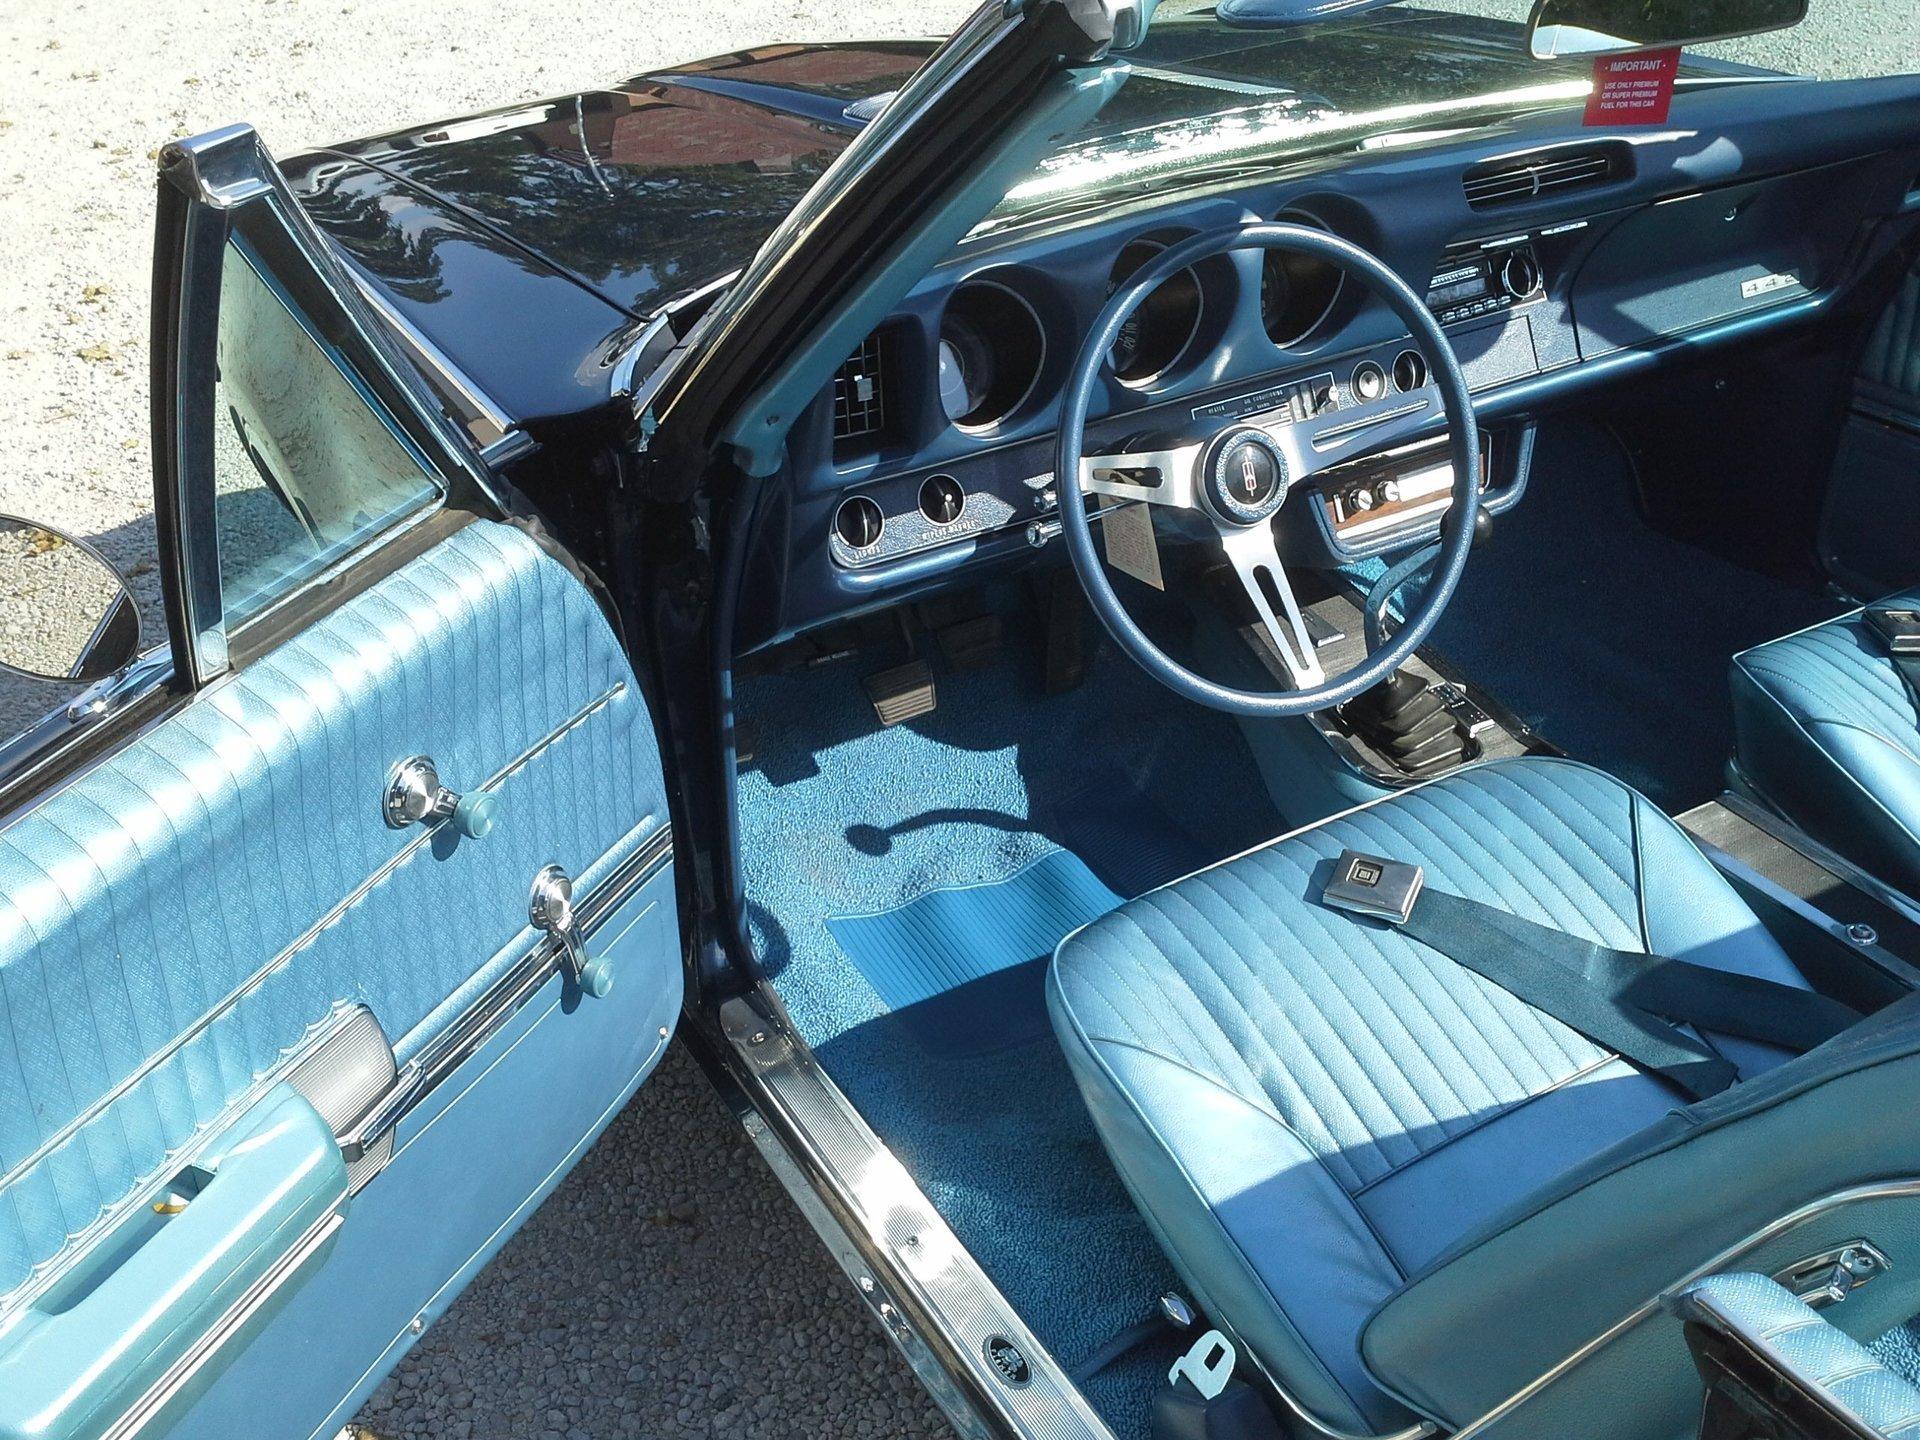 auto restoration e snows van repair interior headliner whatwedo fabric